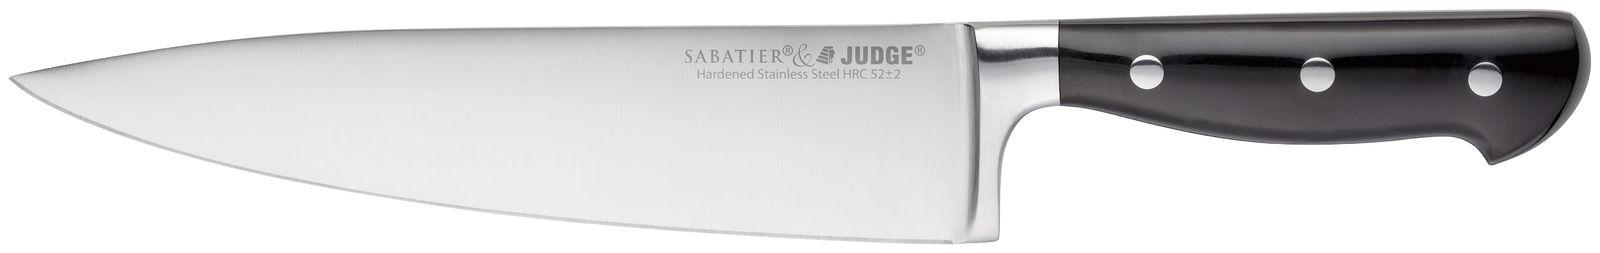 judge sabatier kitchen knives review a glug of oil. Black Bedroom Furniture Sets. Home Design Ideas